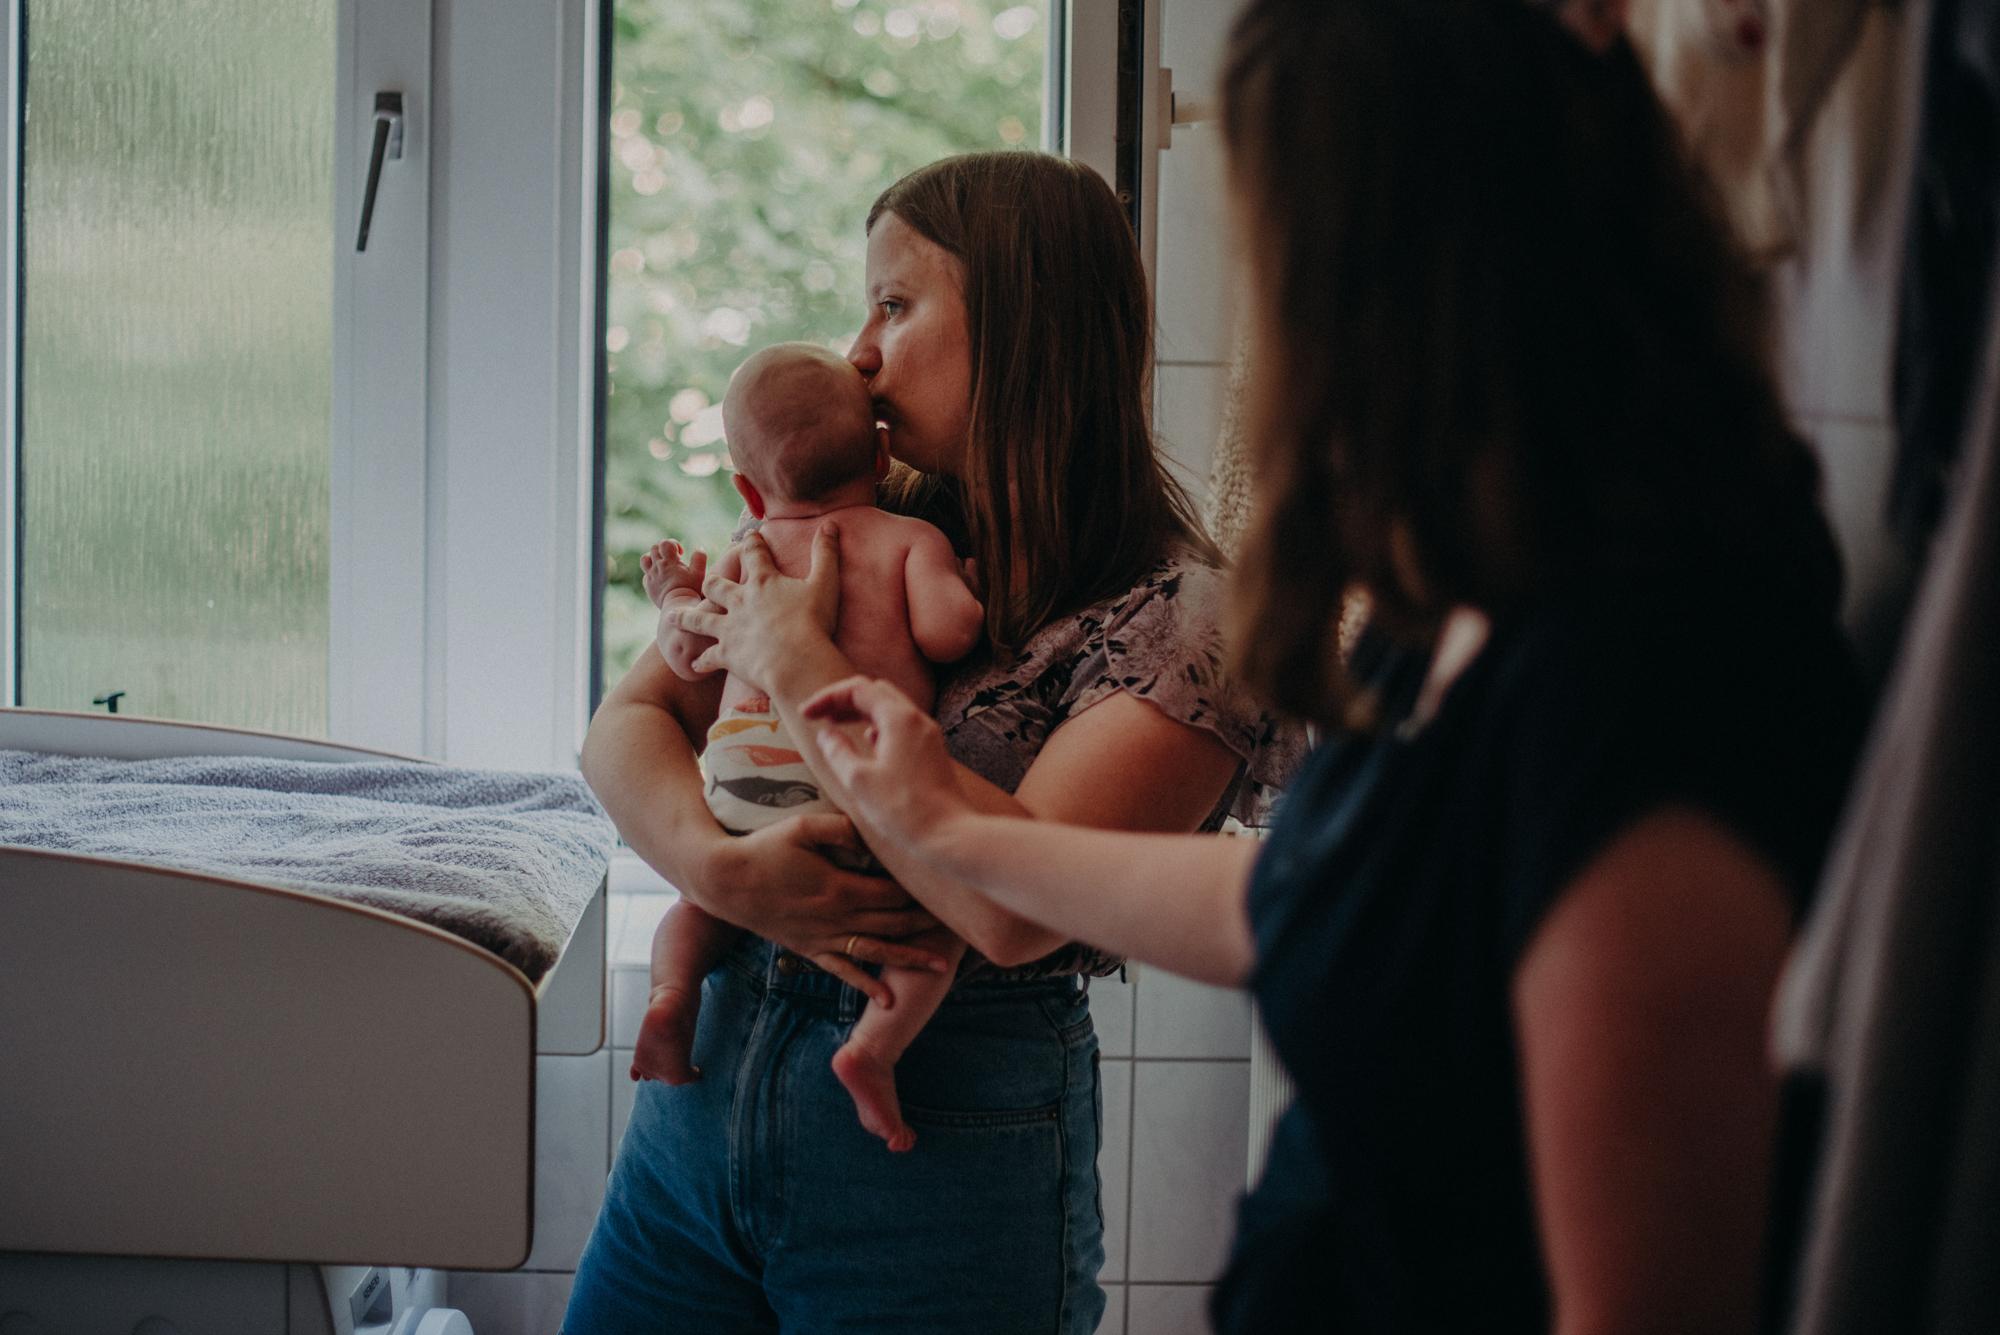 Kreative Ideen für natürliche Familienfotos Zuhause, Fotografin Freiburg